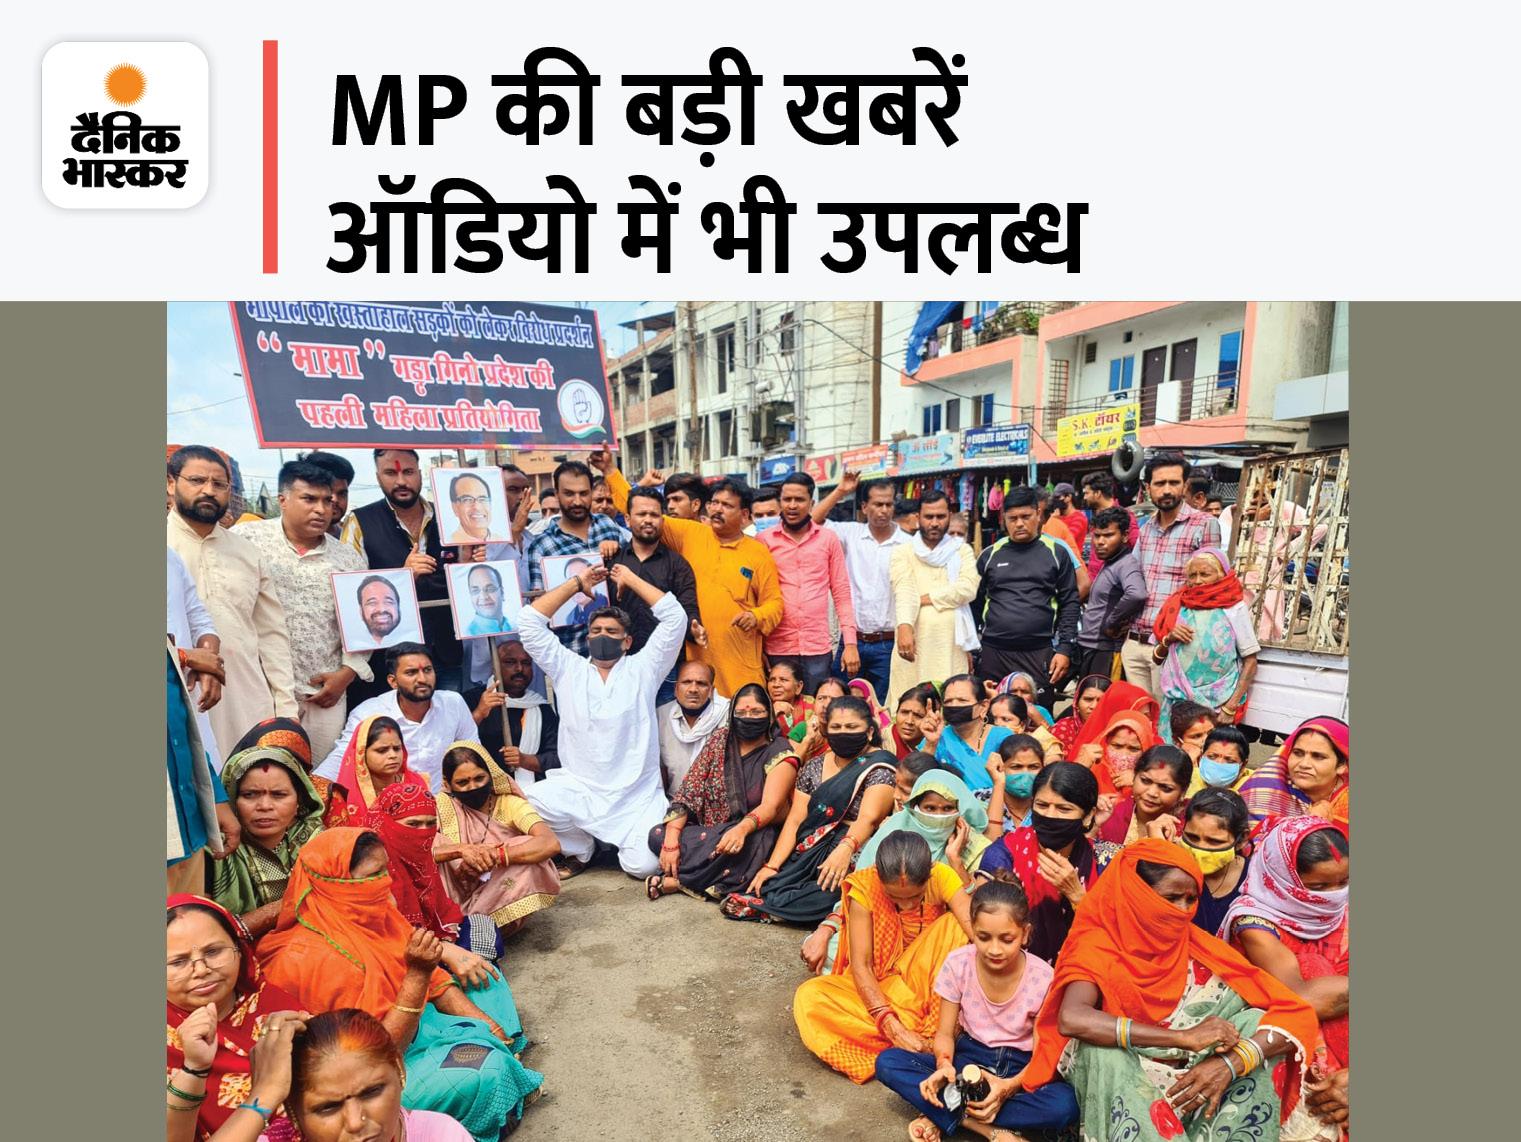 भोपाल में सड़कों पर महिलाओं की गड्ढा गिनो प्रतियोगिता, धार में साधु की हत्या, पन्ना में मजदूर को मिला 40 लाख का हीरा, बुरहानपुर में पुलिस पर हमला|मध्य प्रदेश,Madhya Pradesh - Dainik Bhaskar